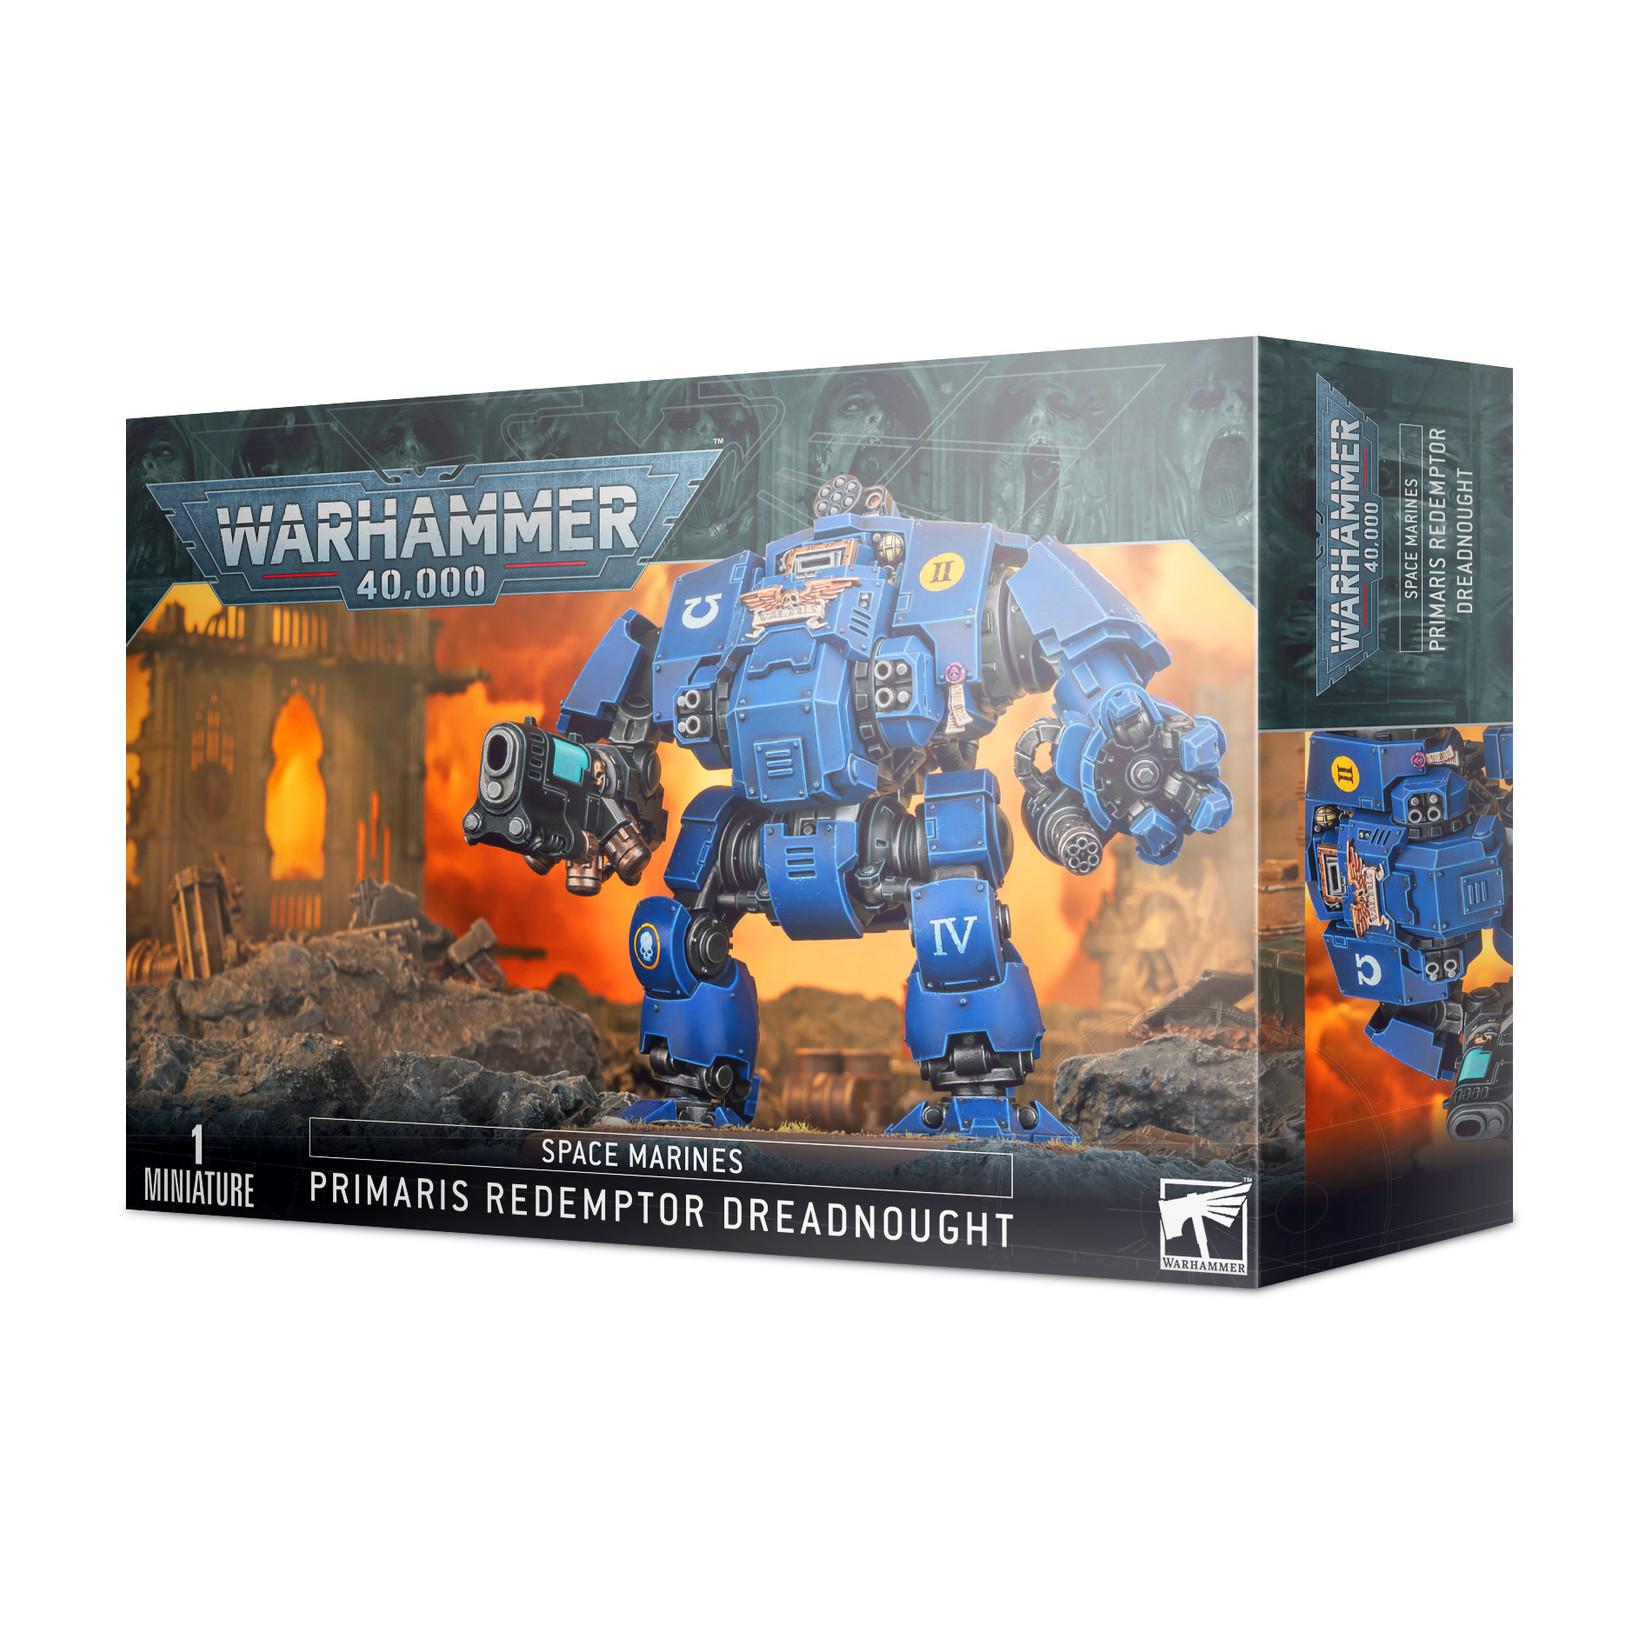 Warhammer 40K Space Marines - Primaris Redempttor Dreadnought